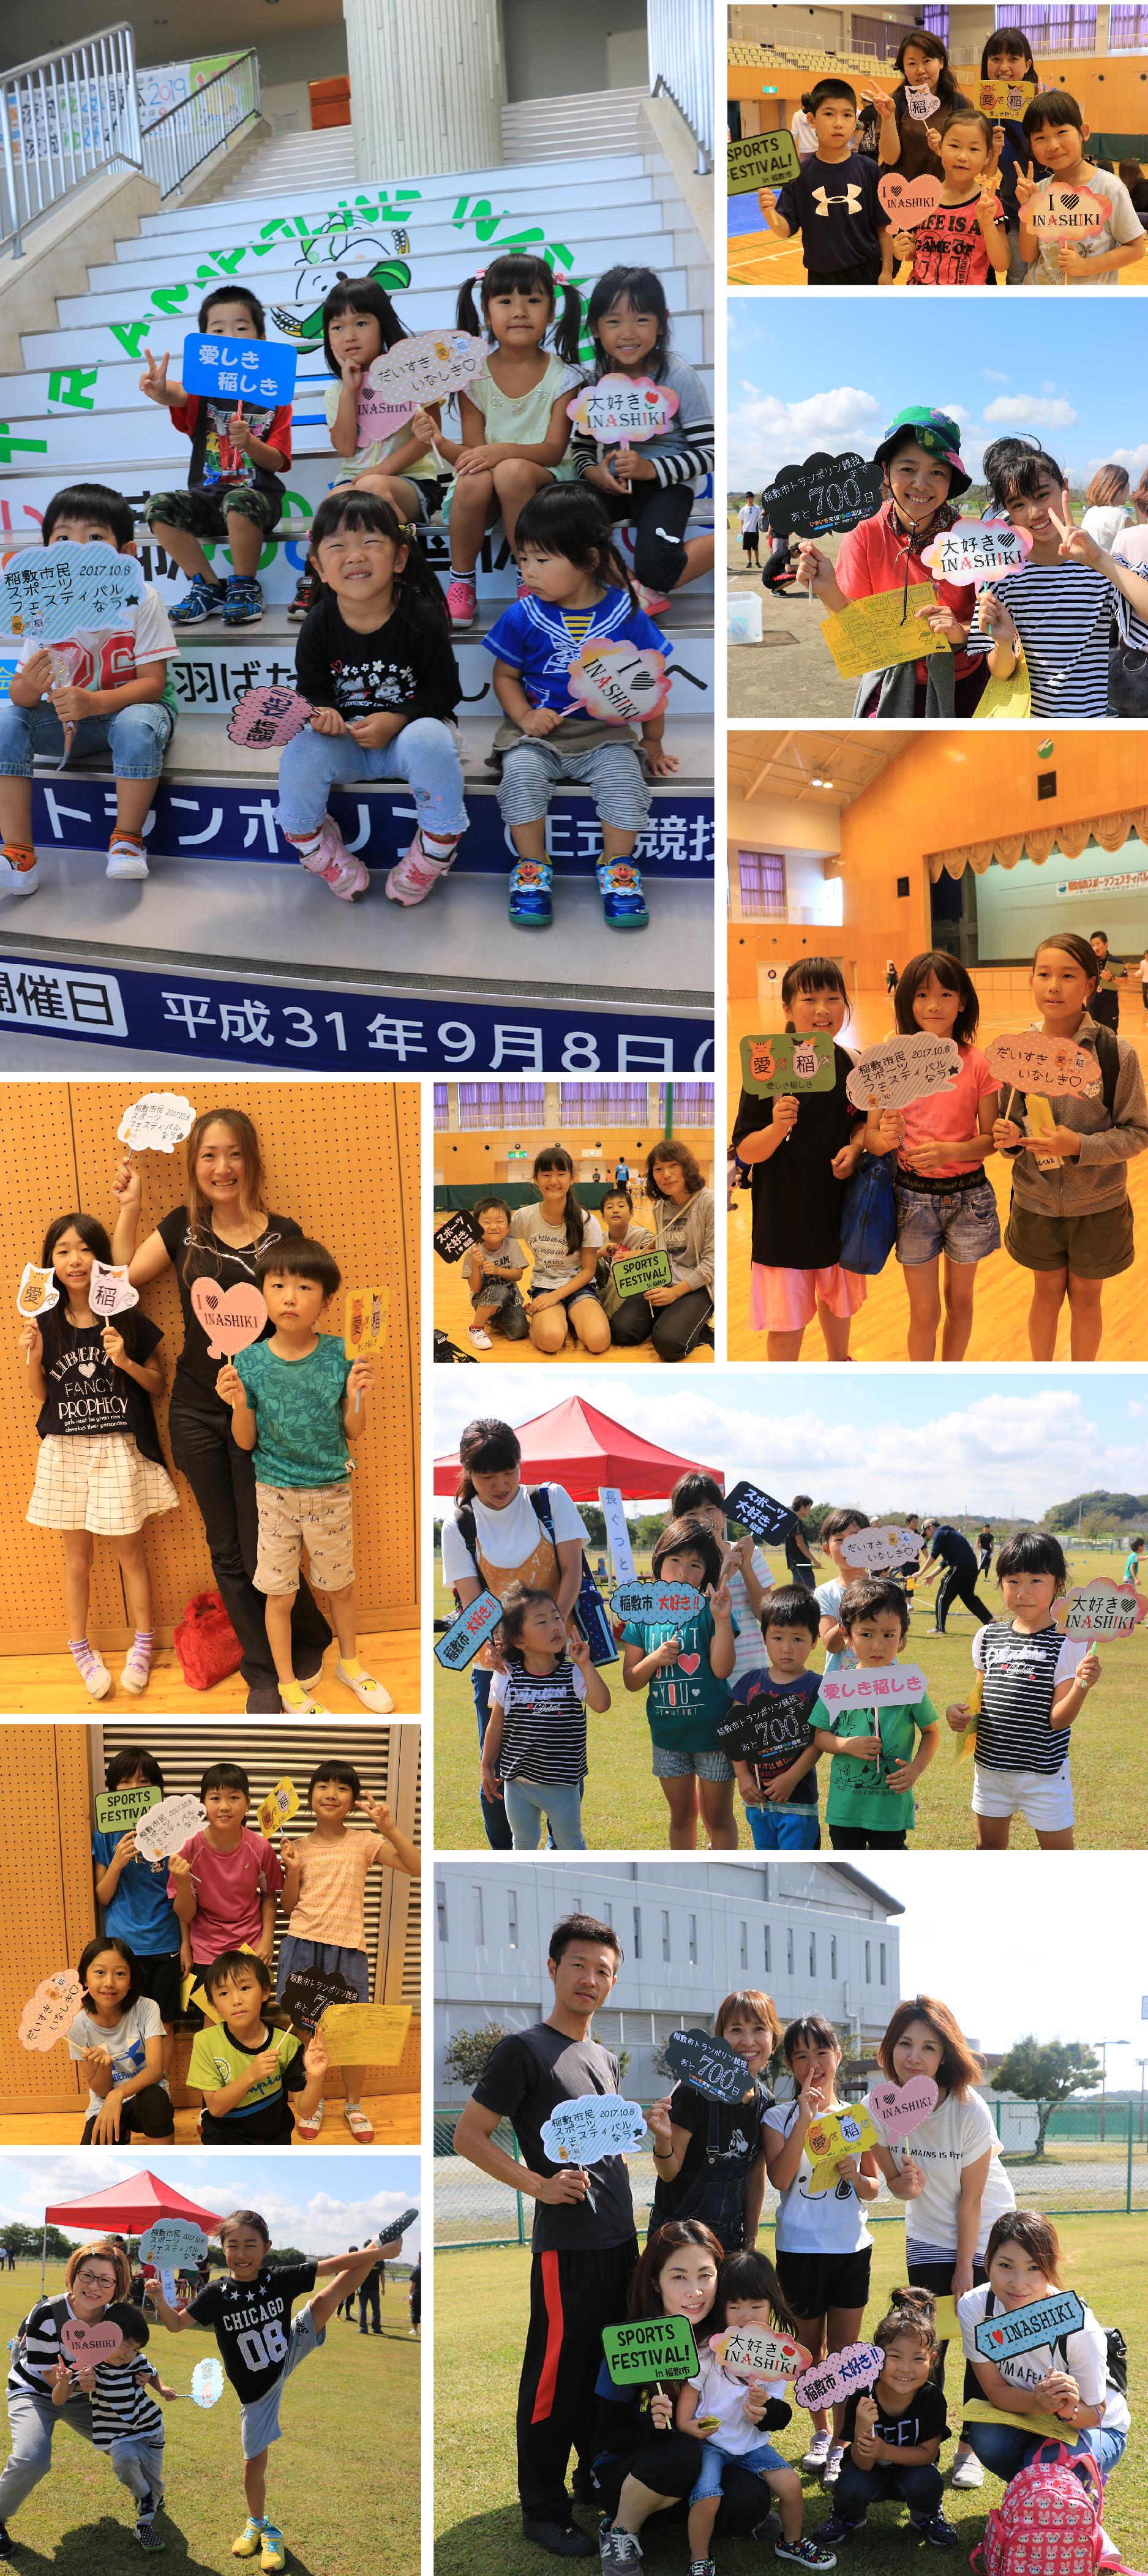 『『スポーツフェスティバル2』の画像』の画像